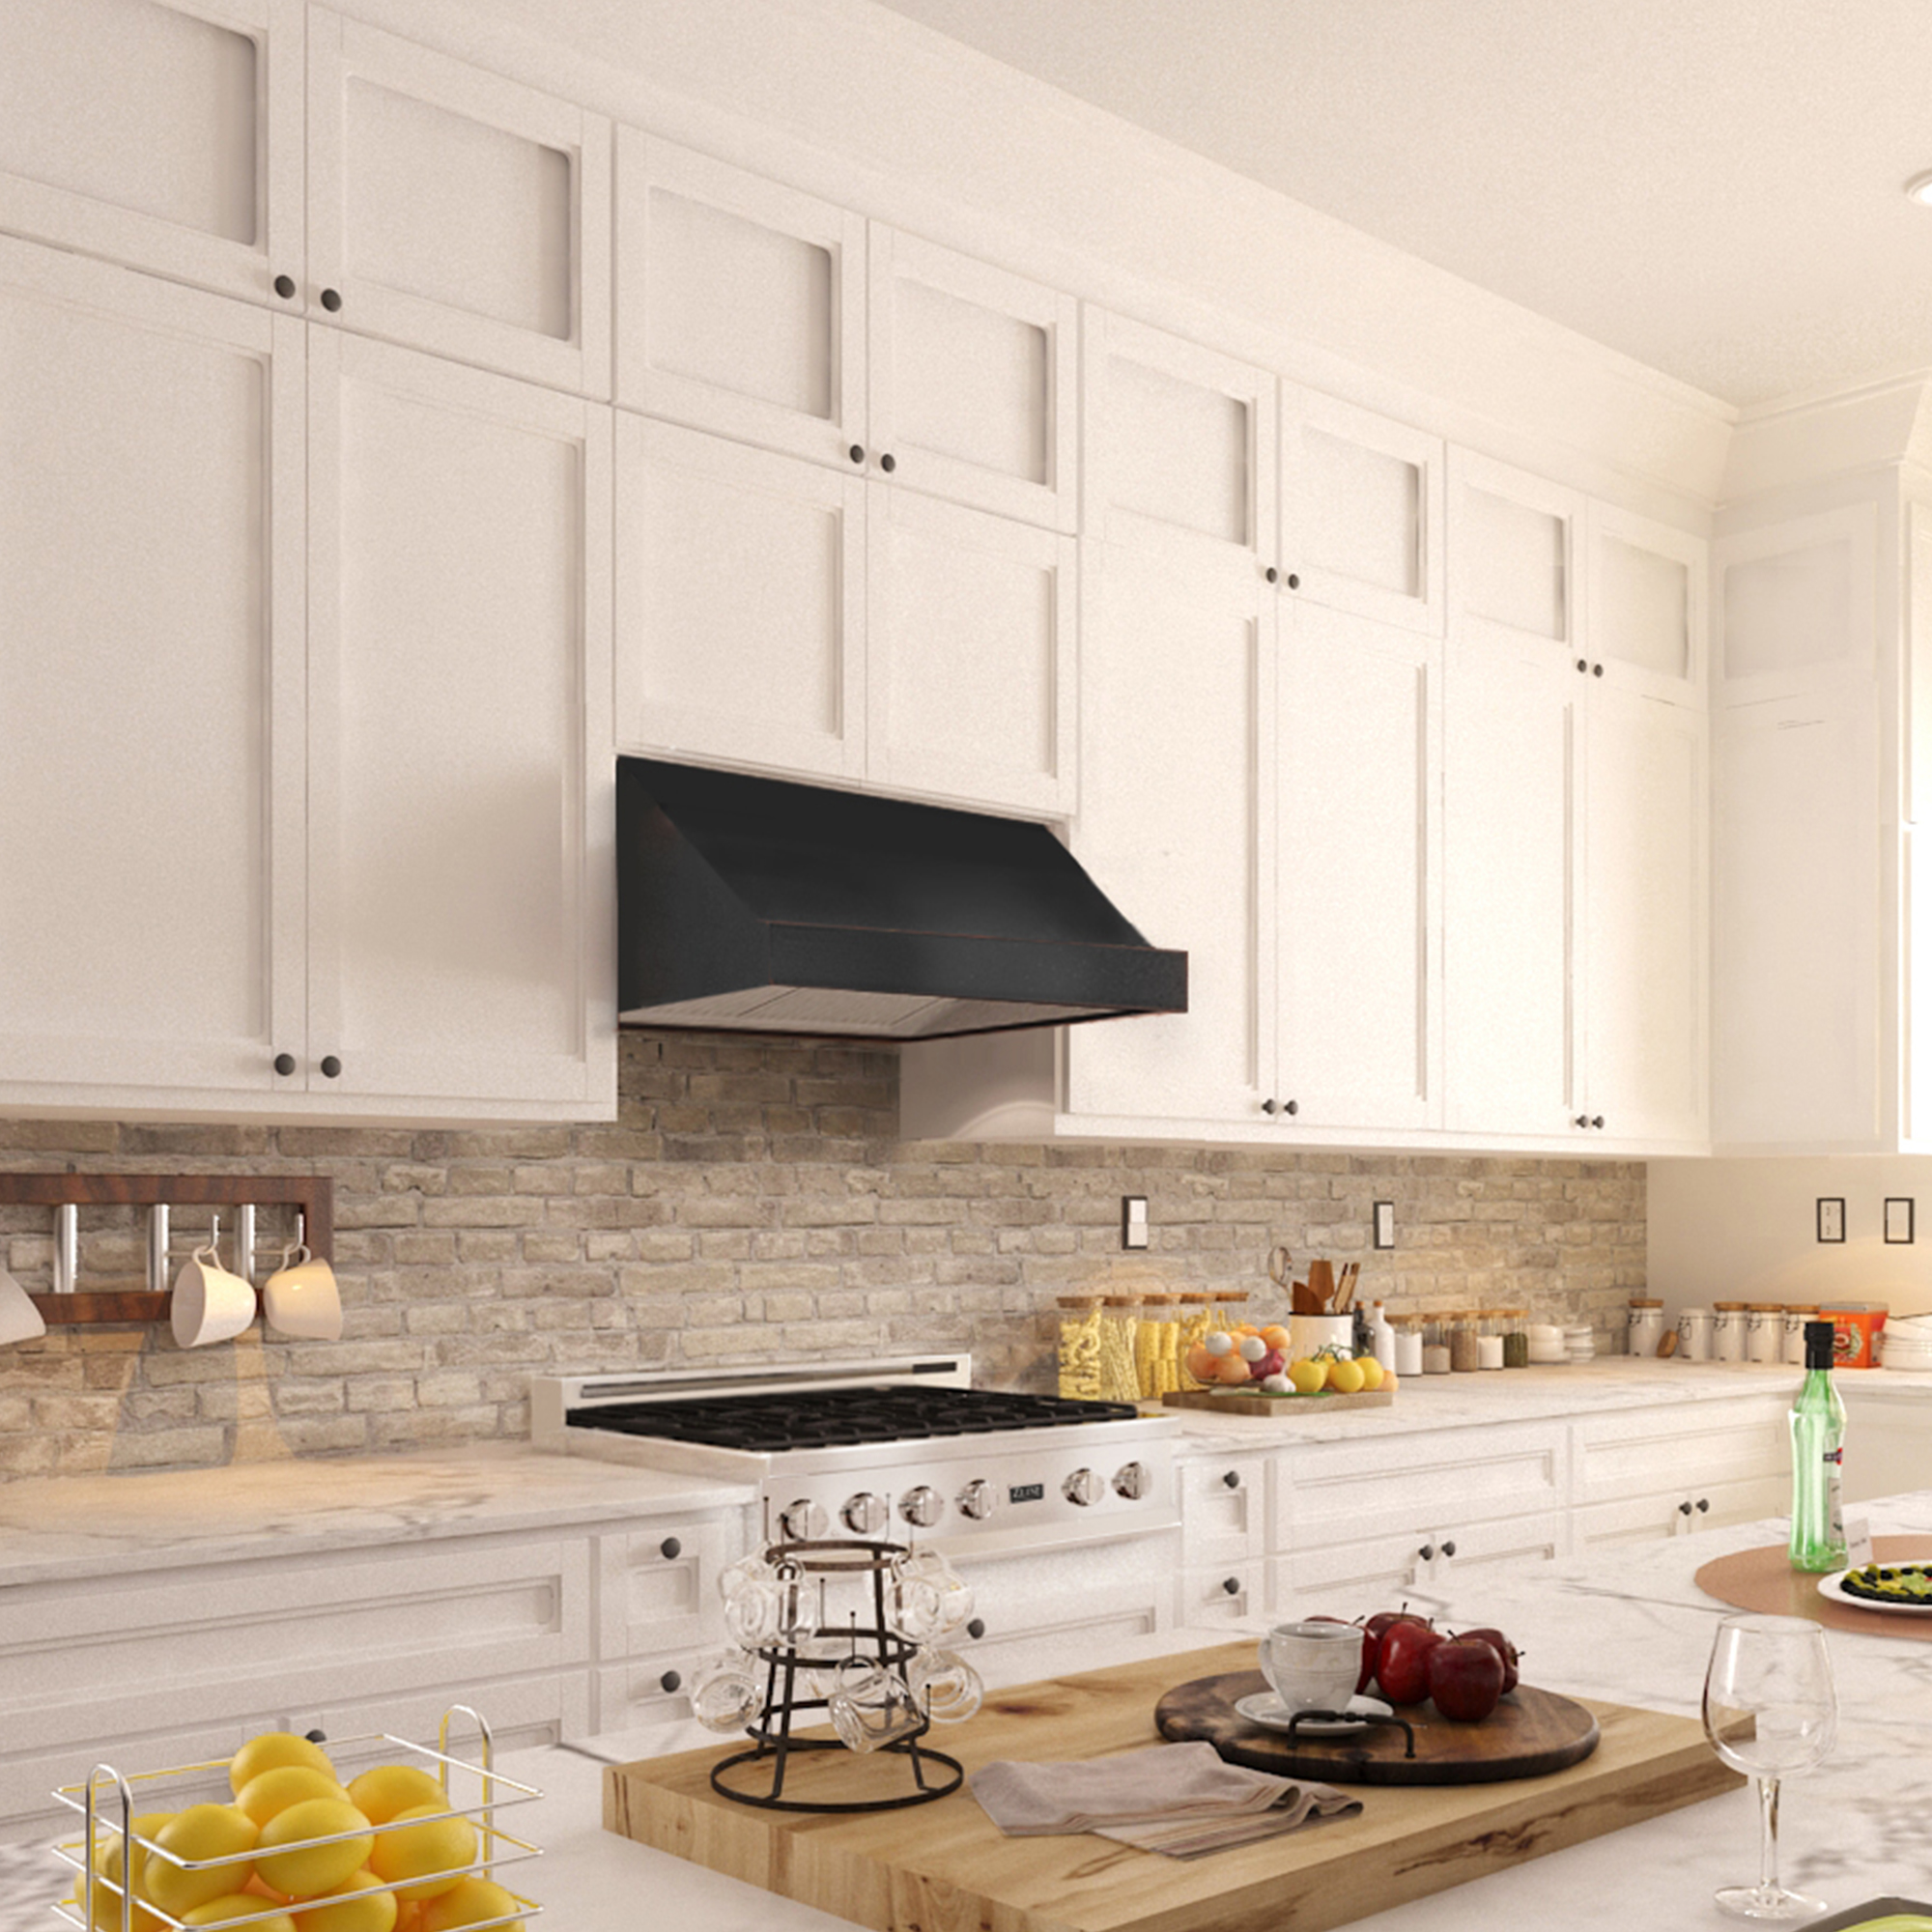 zline-black-under-cabinet-range-hood-8685B-kitchen-3.jpg